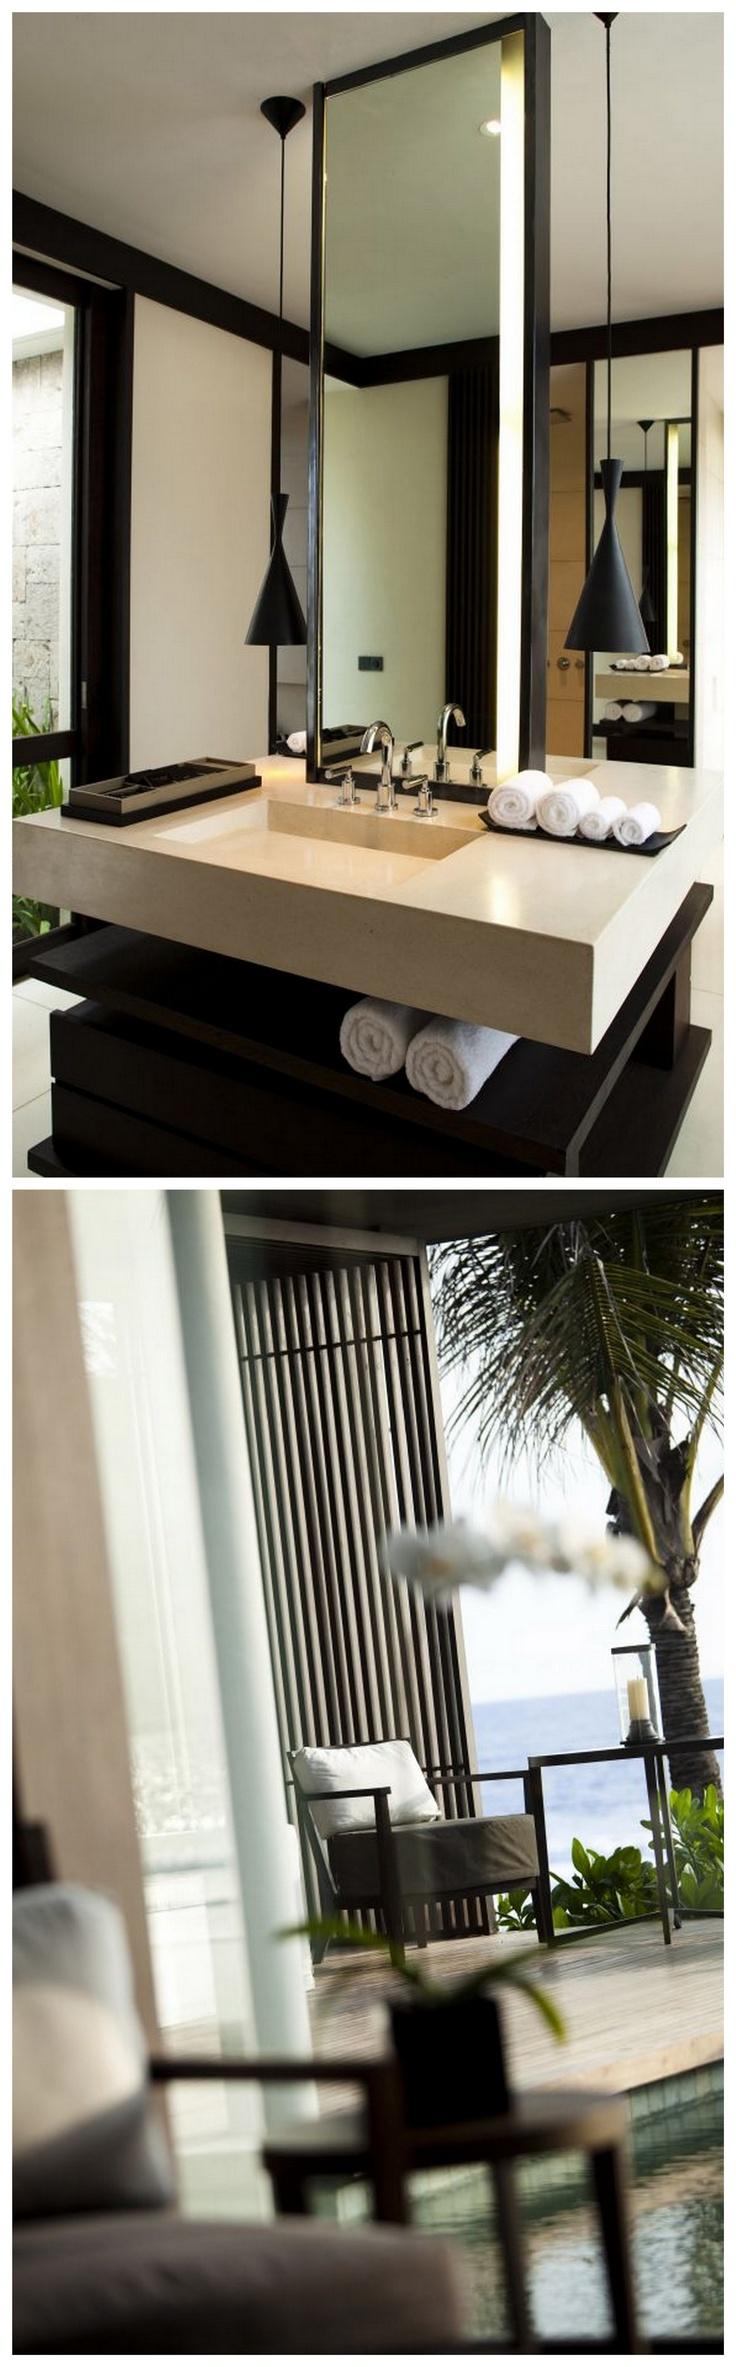 Alila Villas Soori by SCDA Architects » CONTEMPORIST